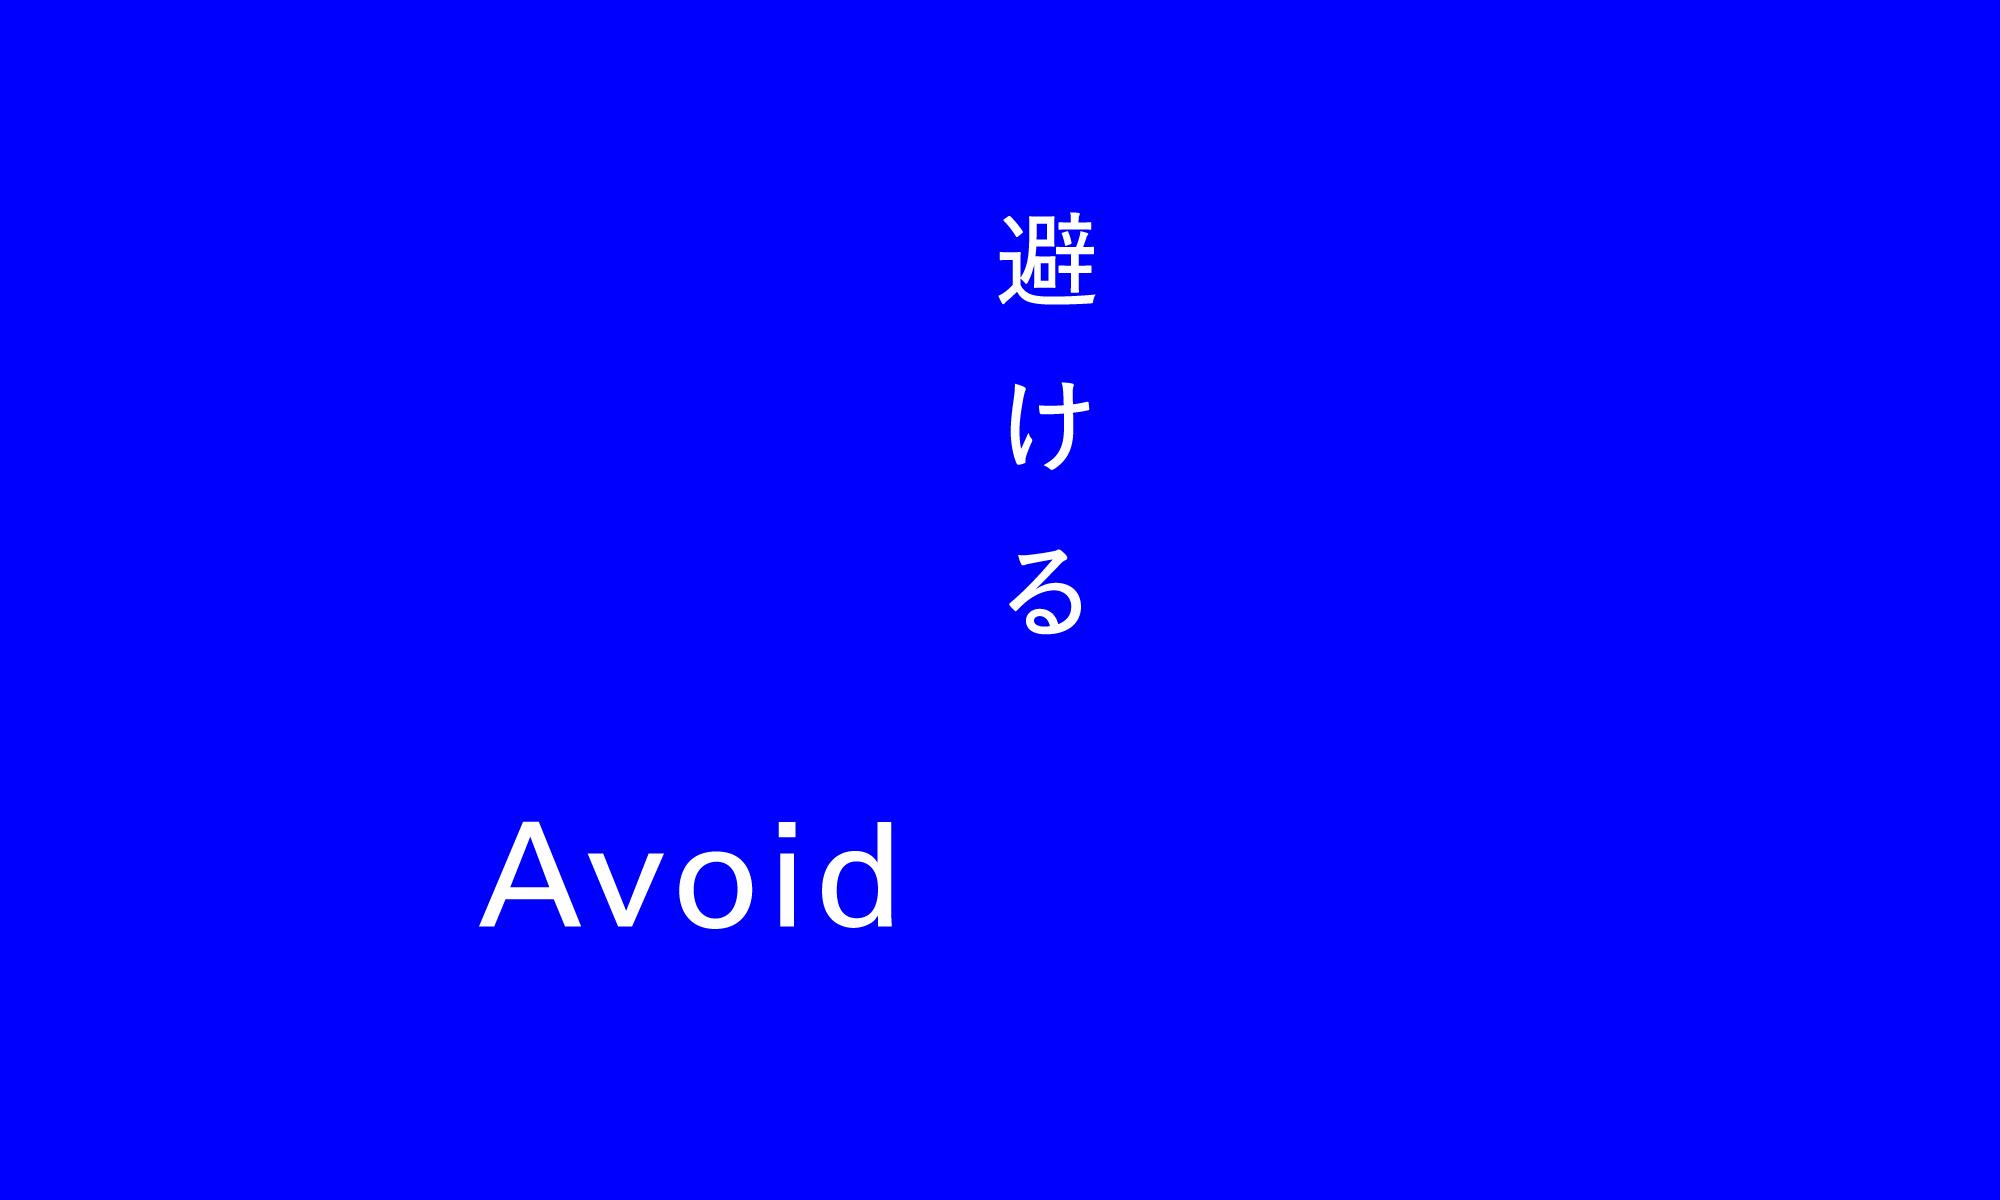 【3日チャレンジ】情報は英語のみ! -3日目-